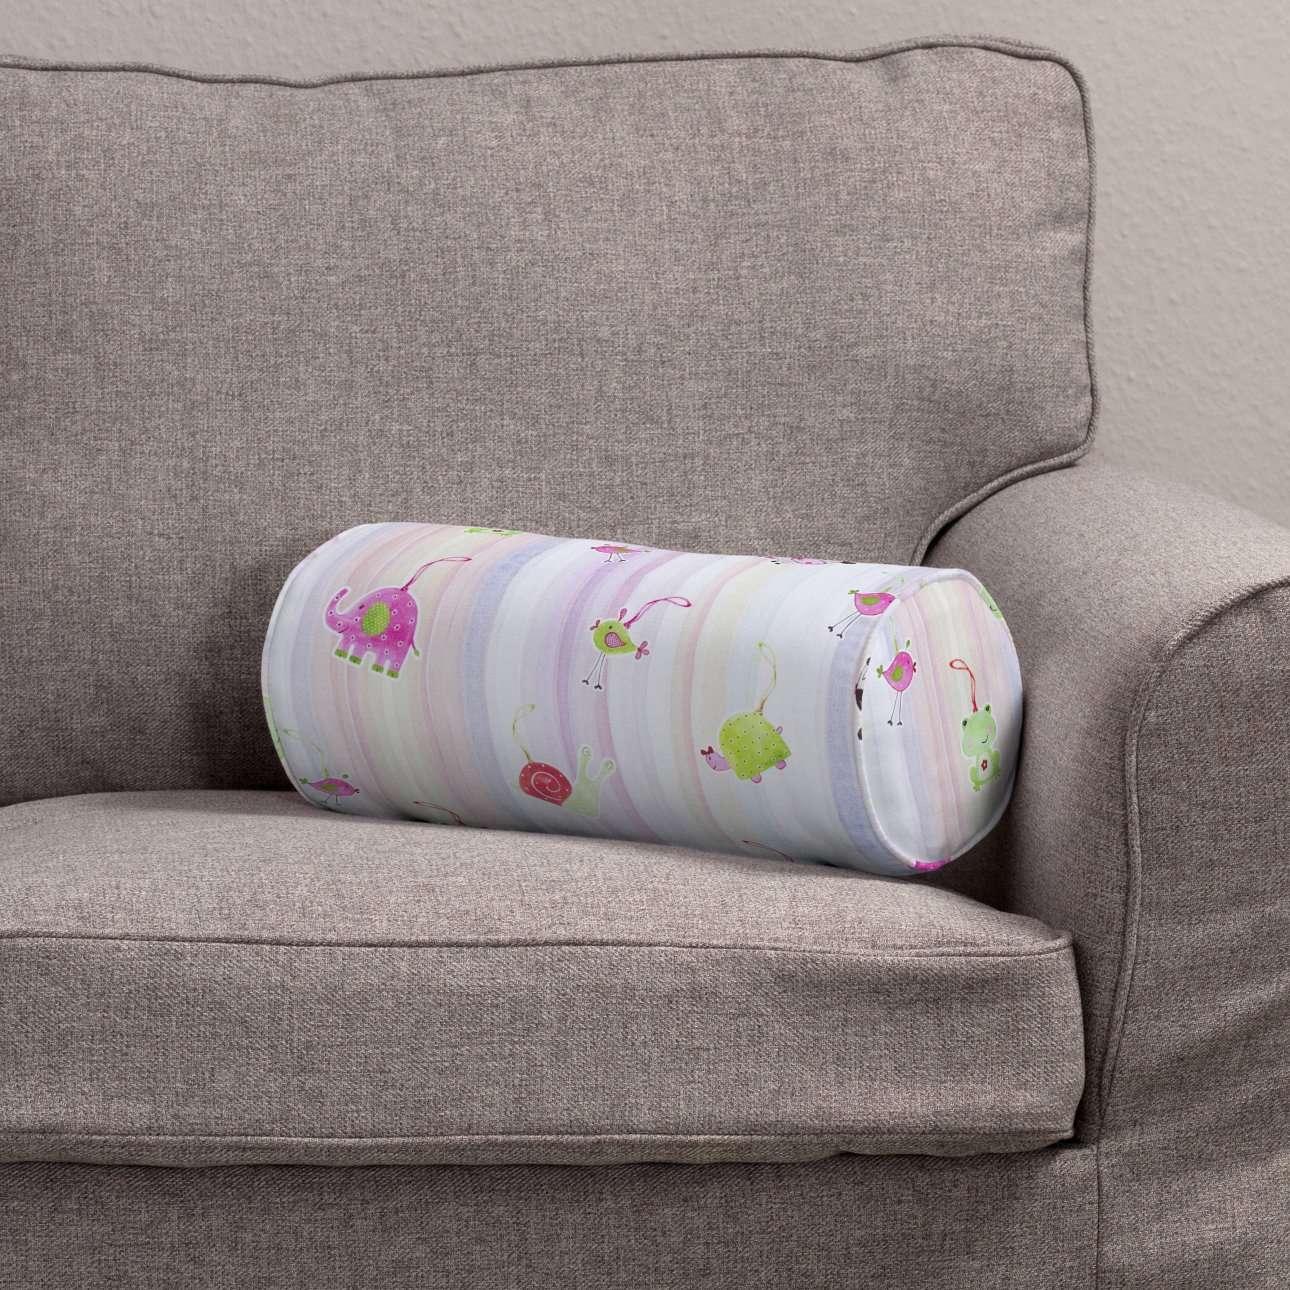 Poduszka wałek prosty Ø 16 x 40 cm w kolekcji Apanona, tkanina: 151-05